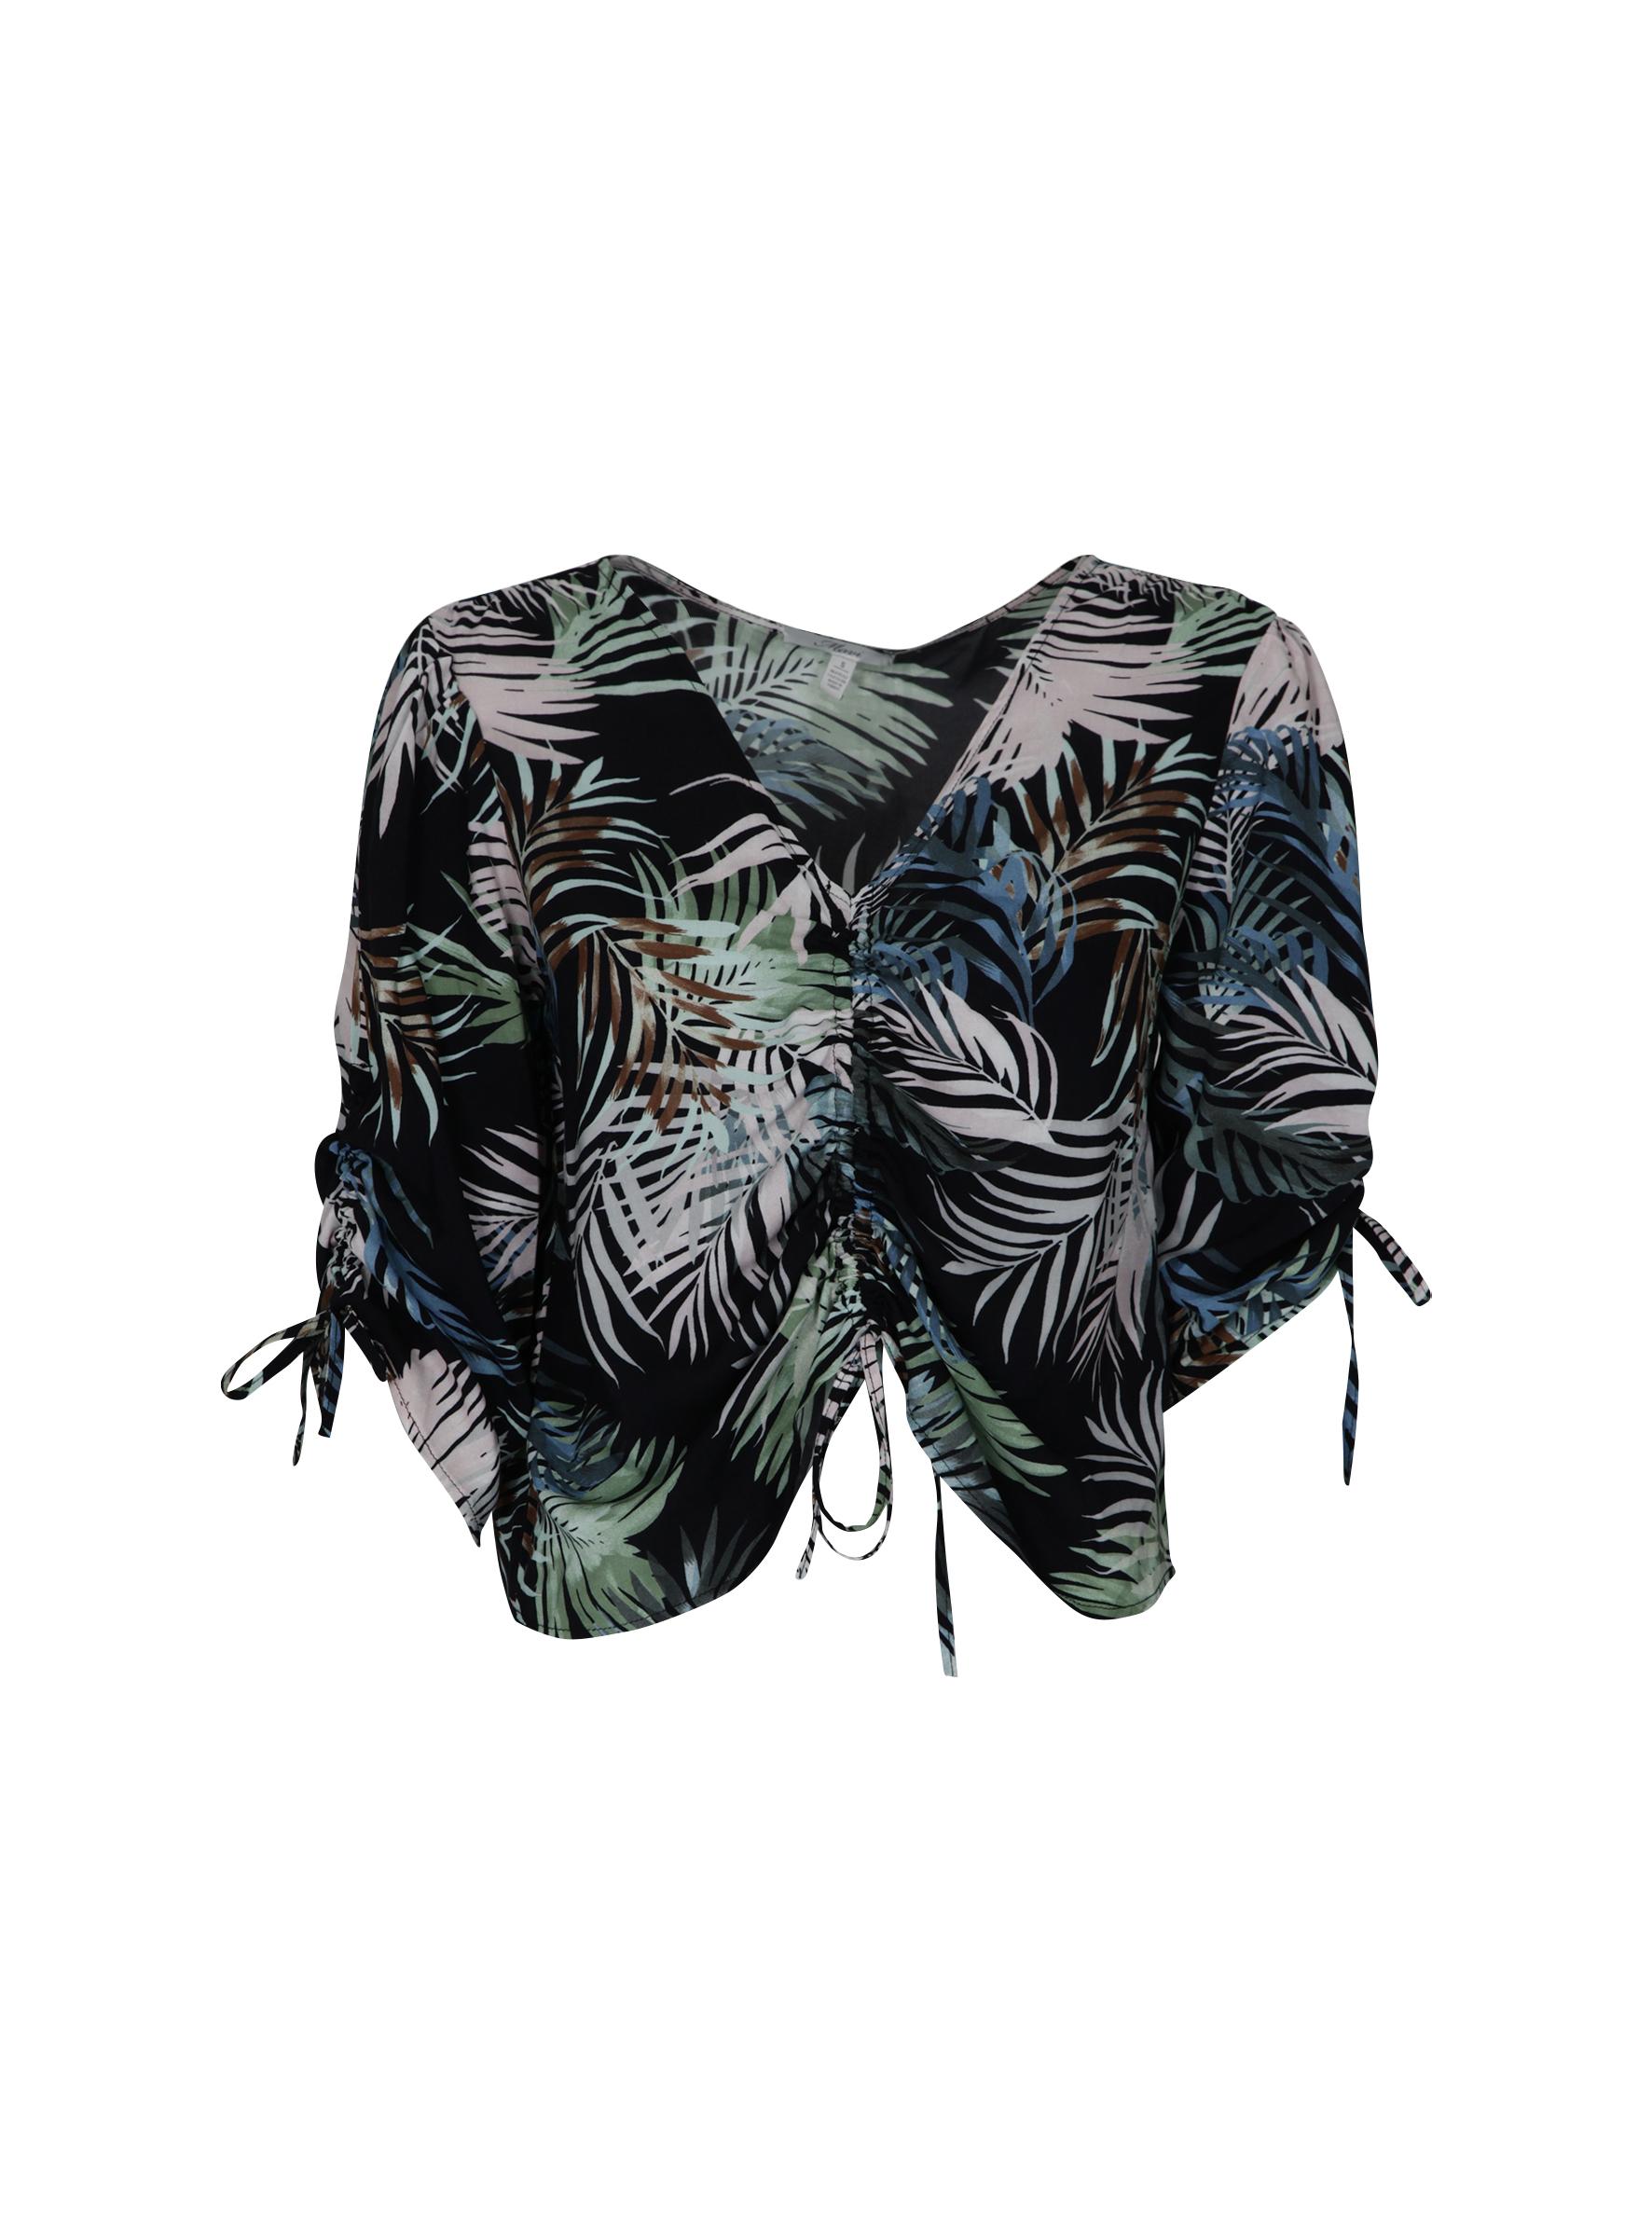 leichte Summer Bluse mit floralem Muster und Schnürungen an Armen und Bauch in der Mavi Sommer Kollektion